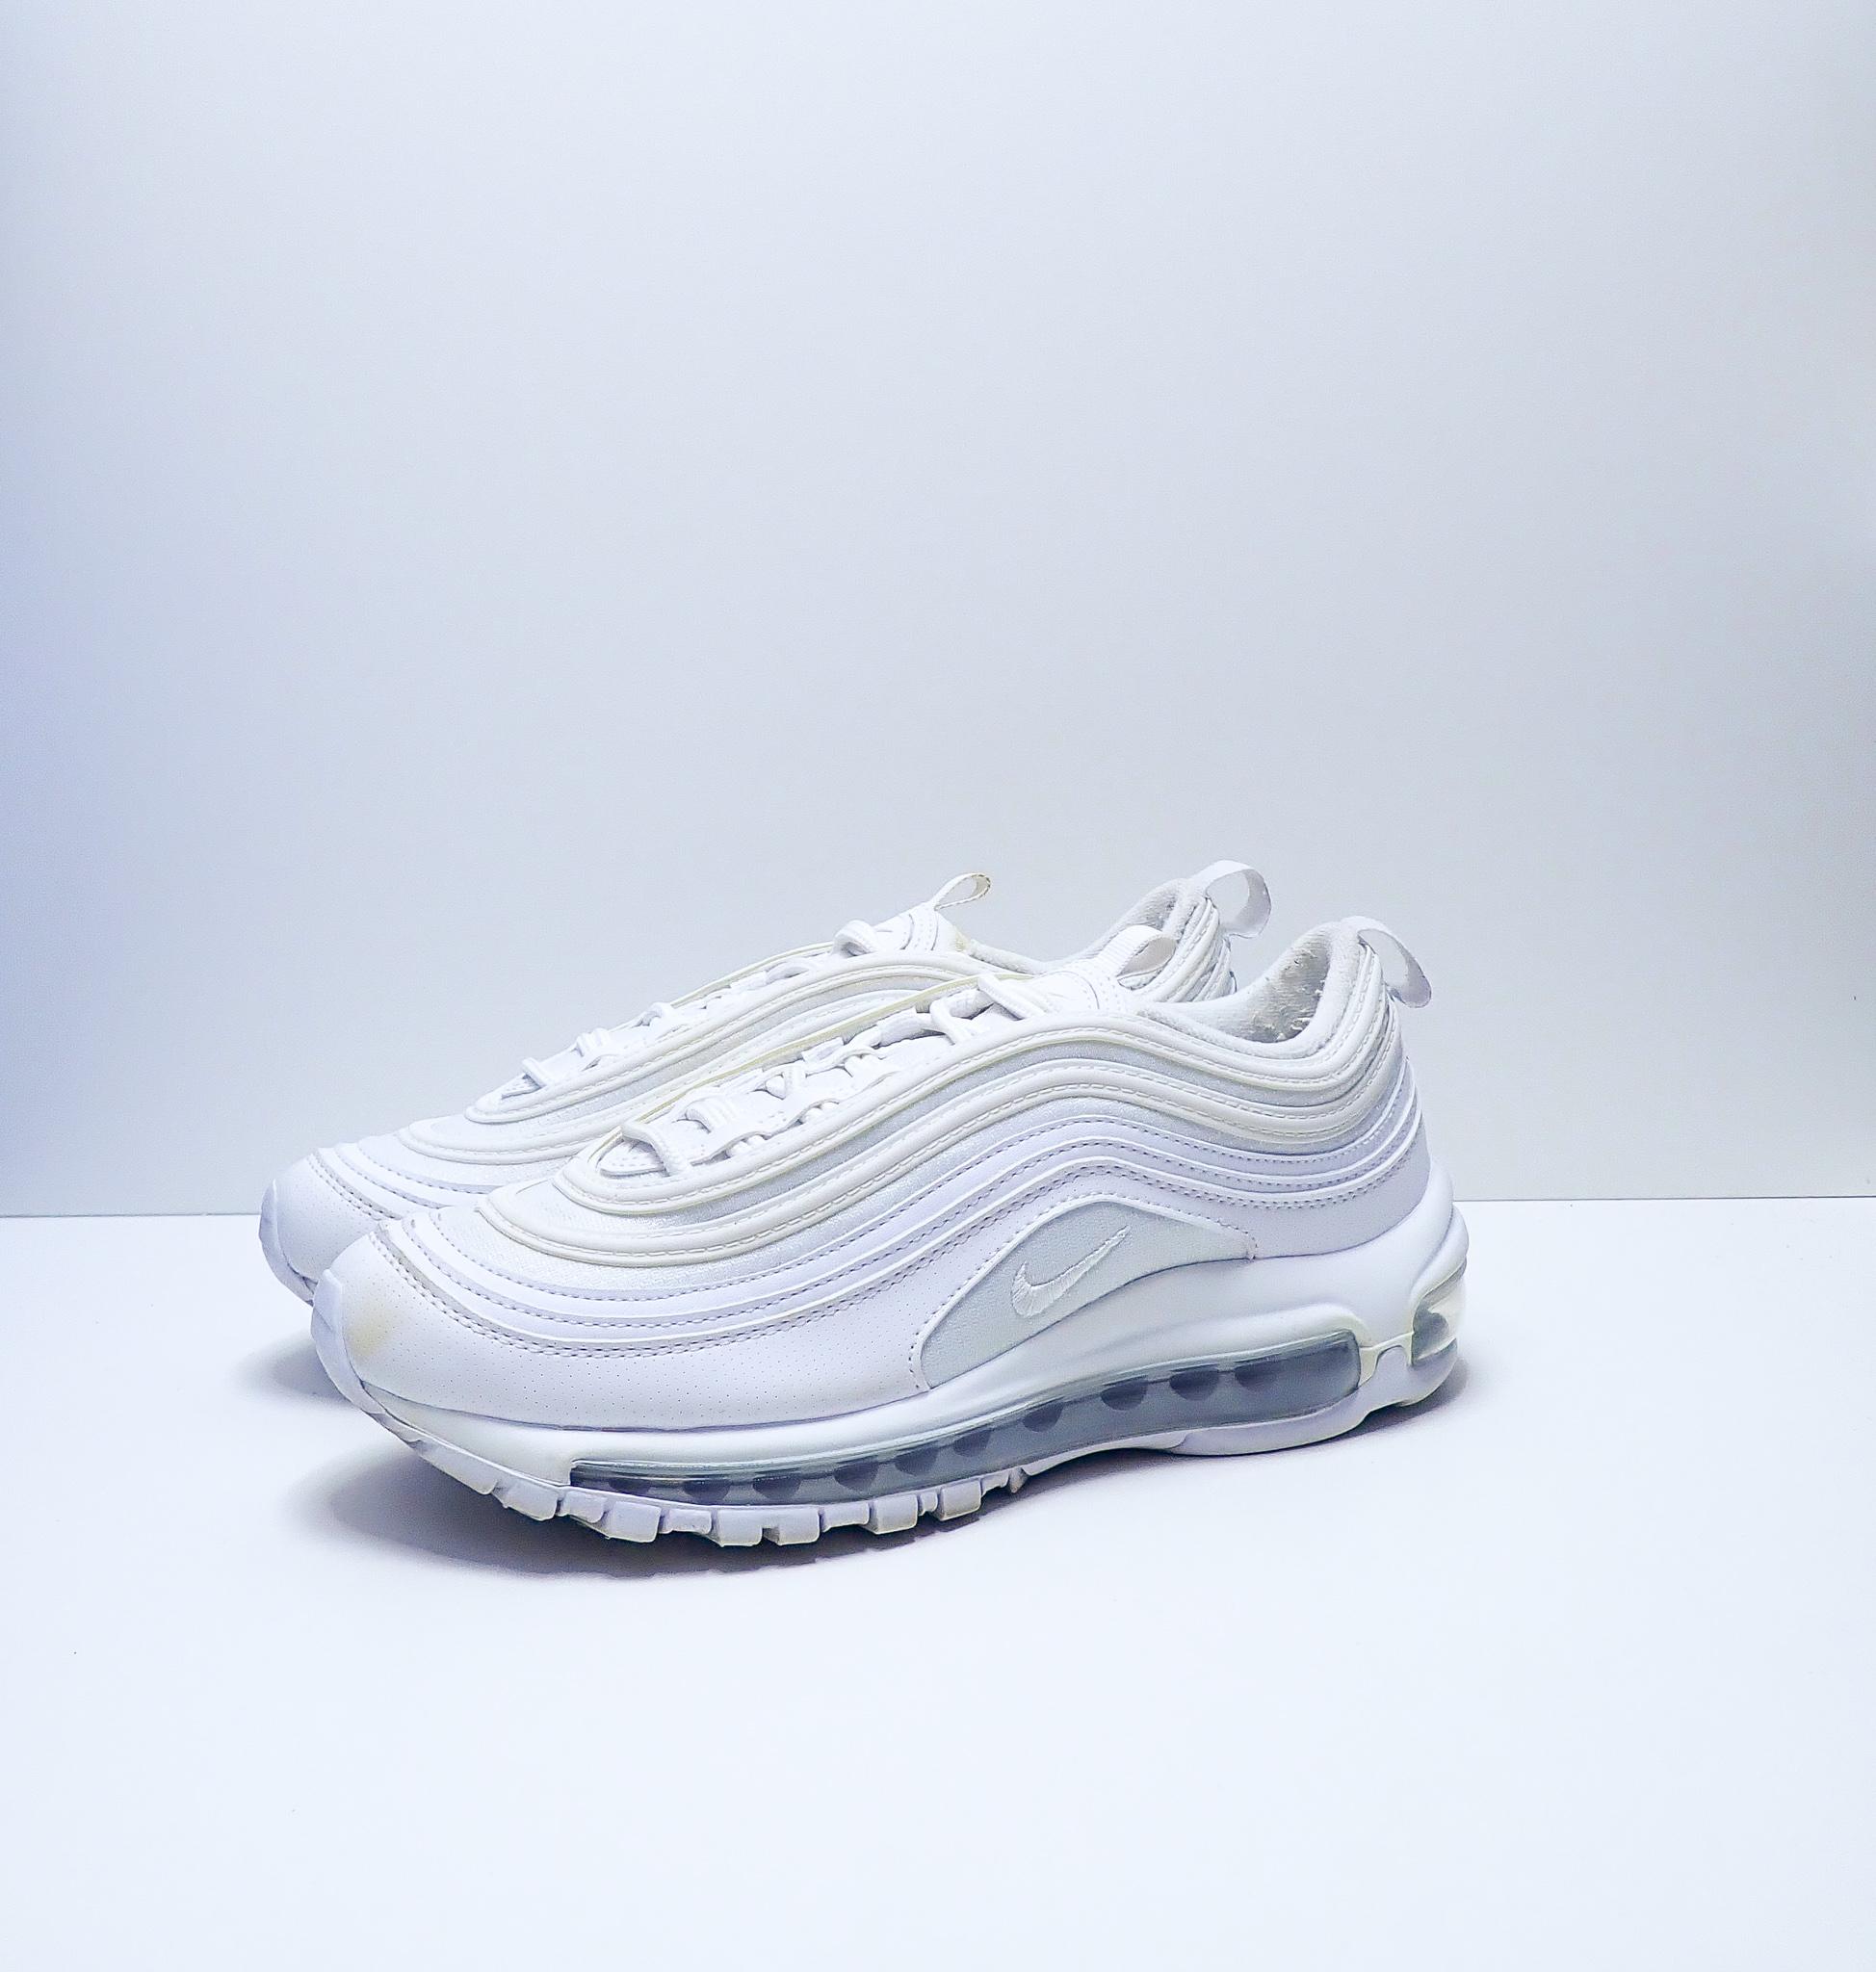 Nike Air Max 97 White (GS)